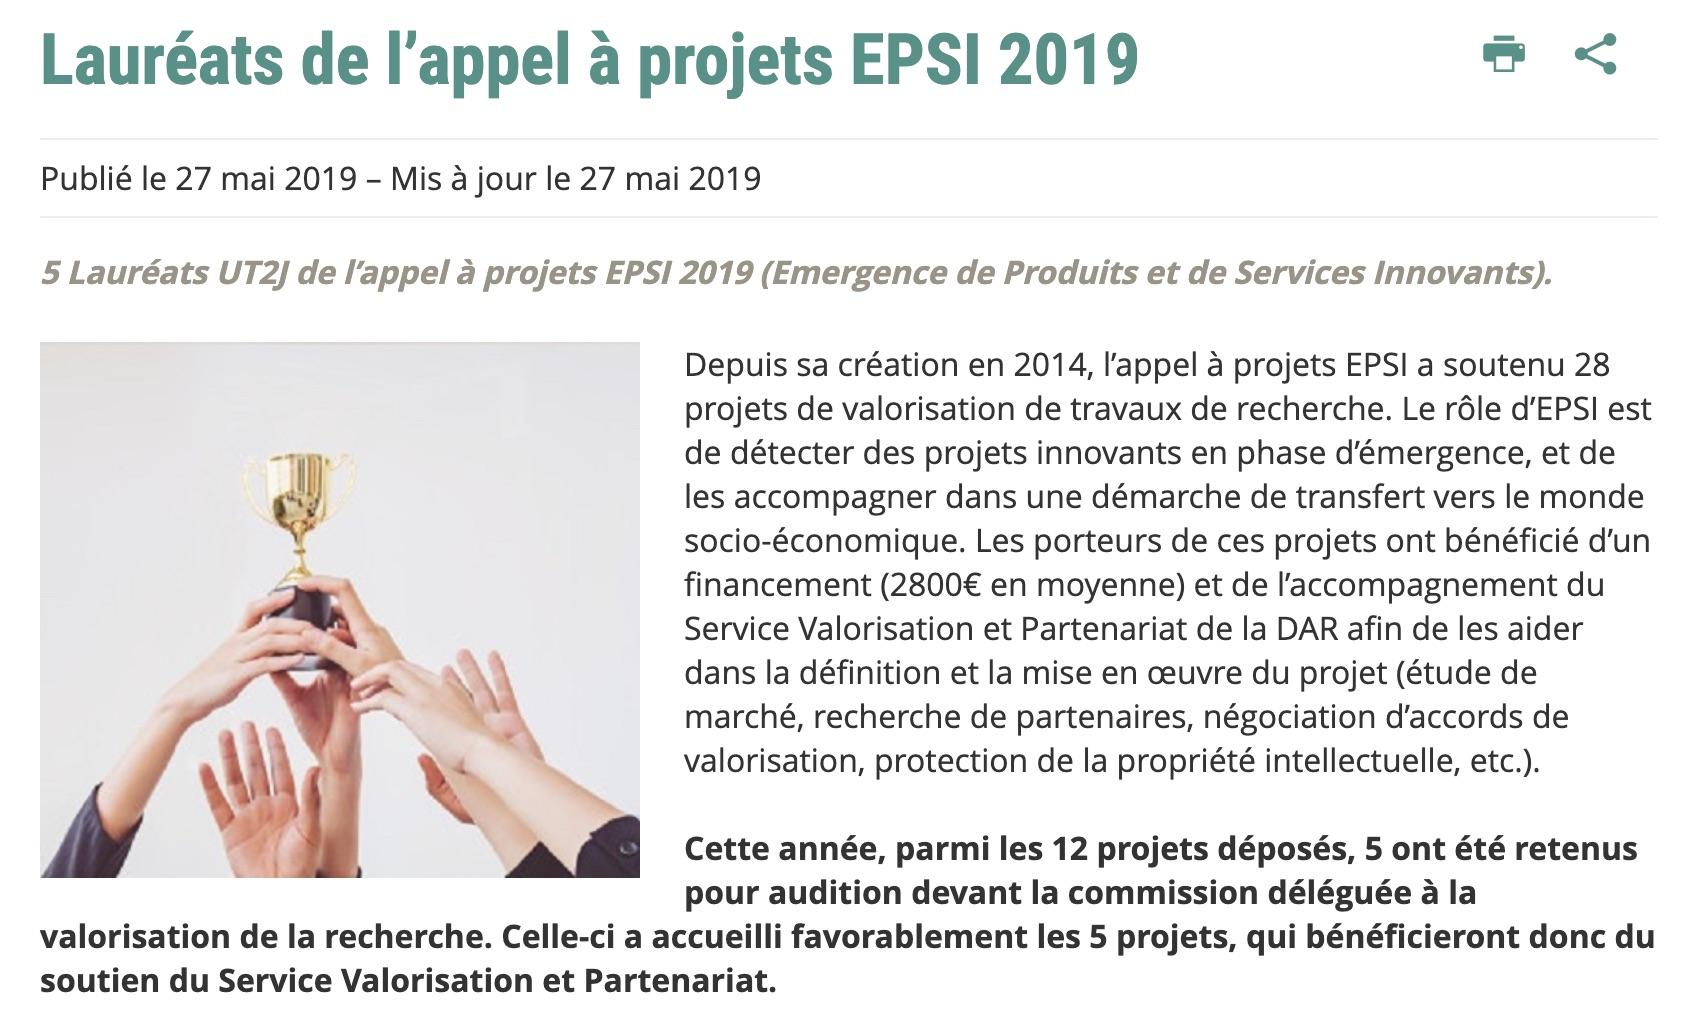 EPSI 2019